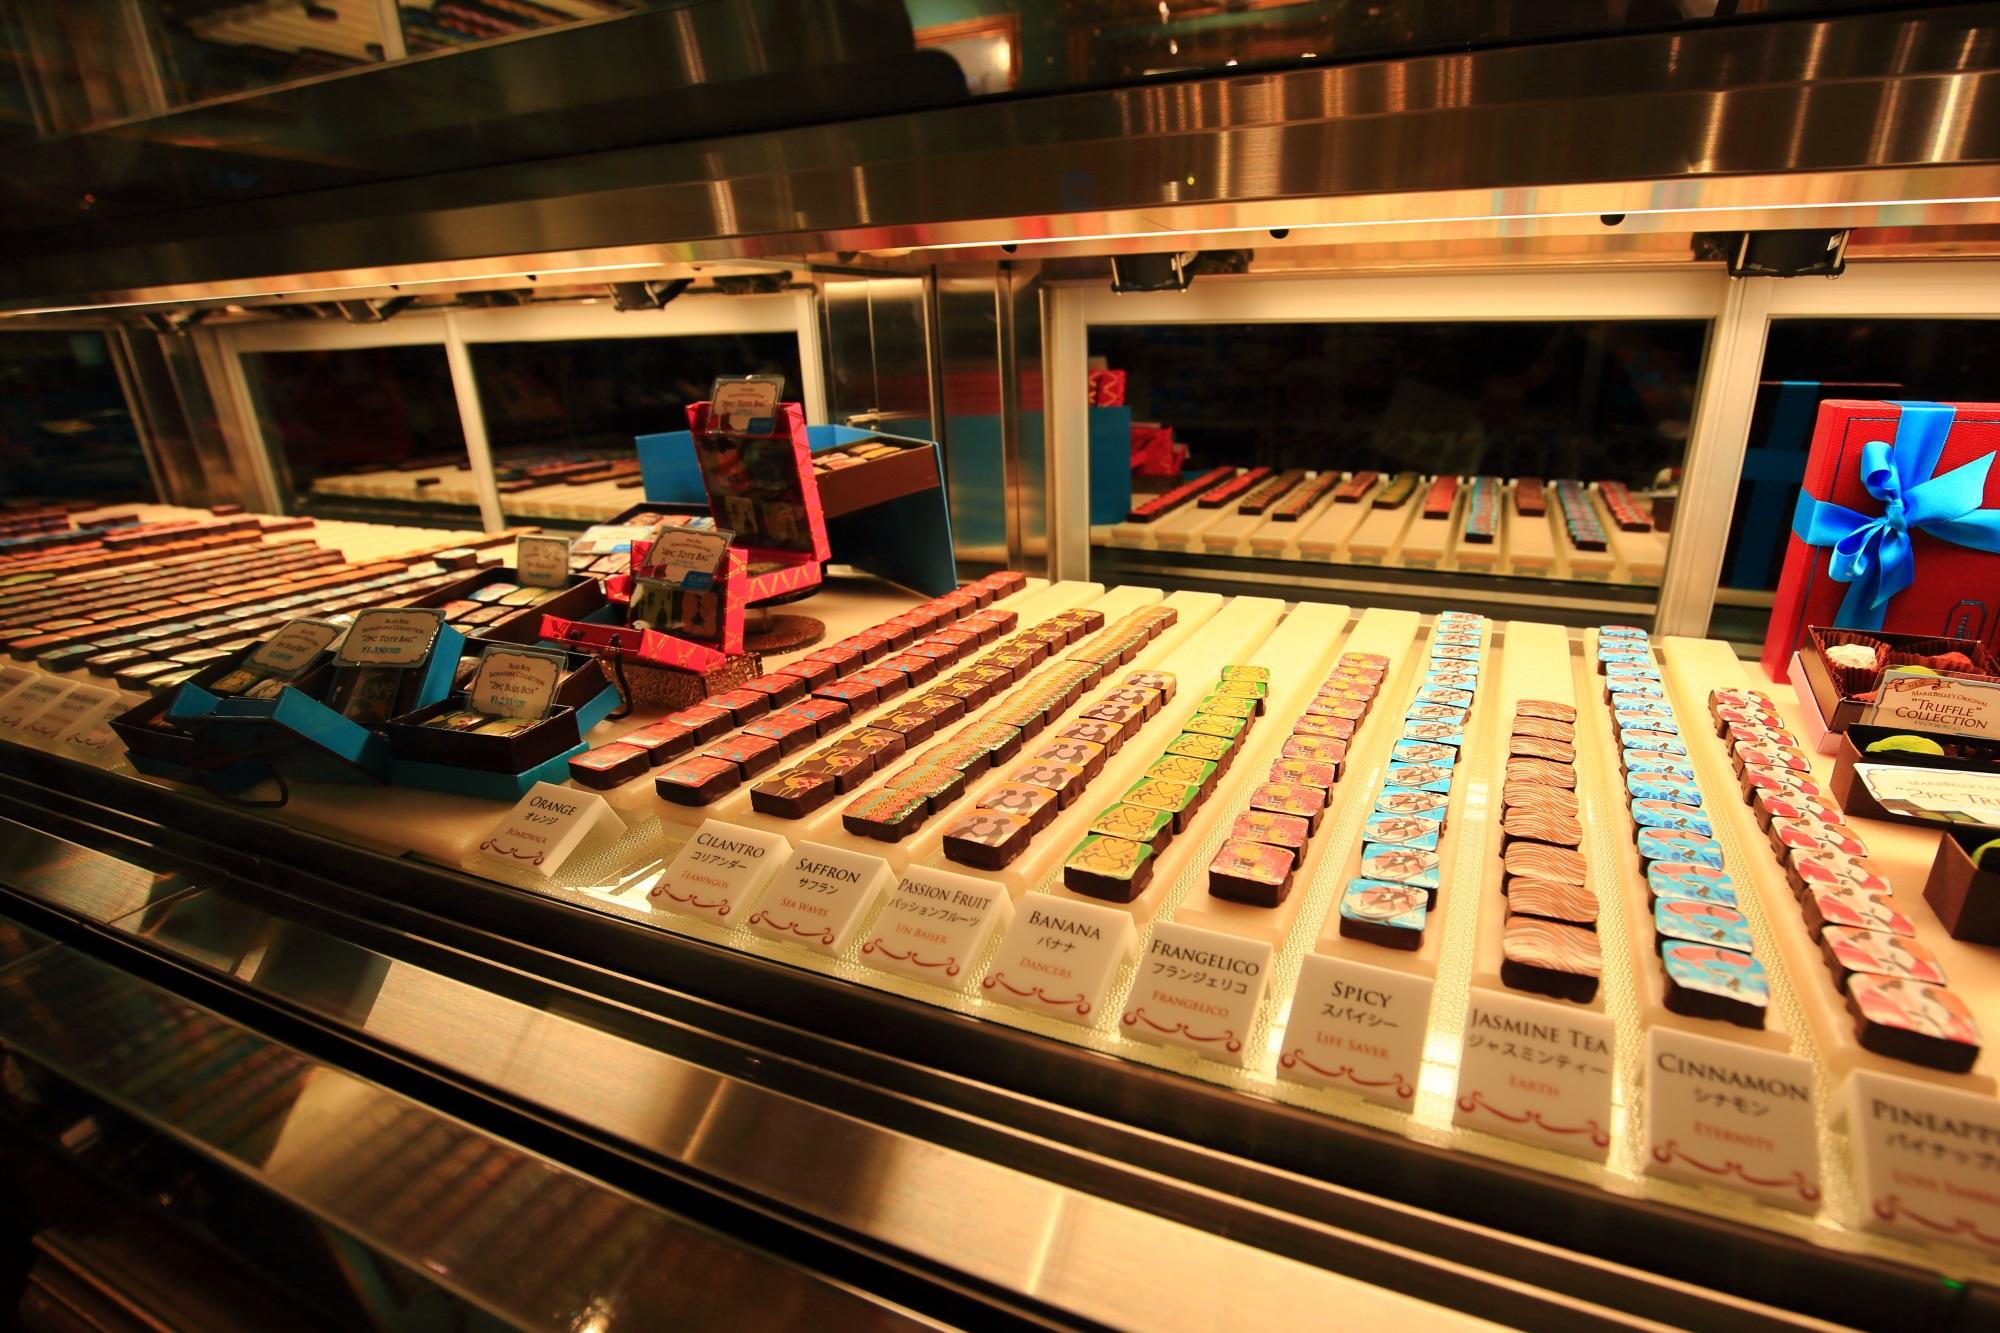 マリベル 京都 お洒落で豪華なチョコレートの宮殿